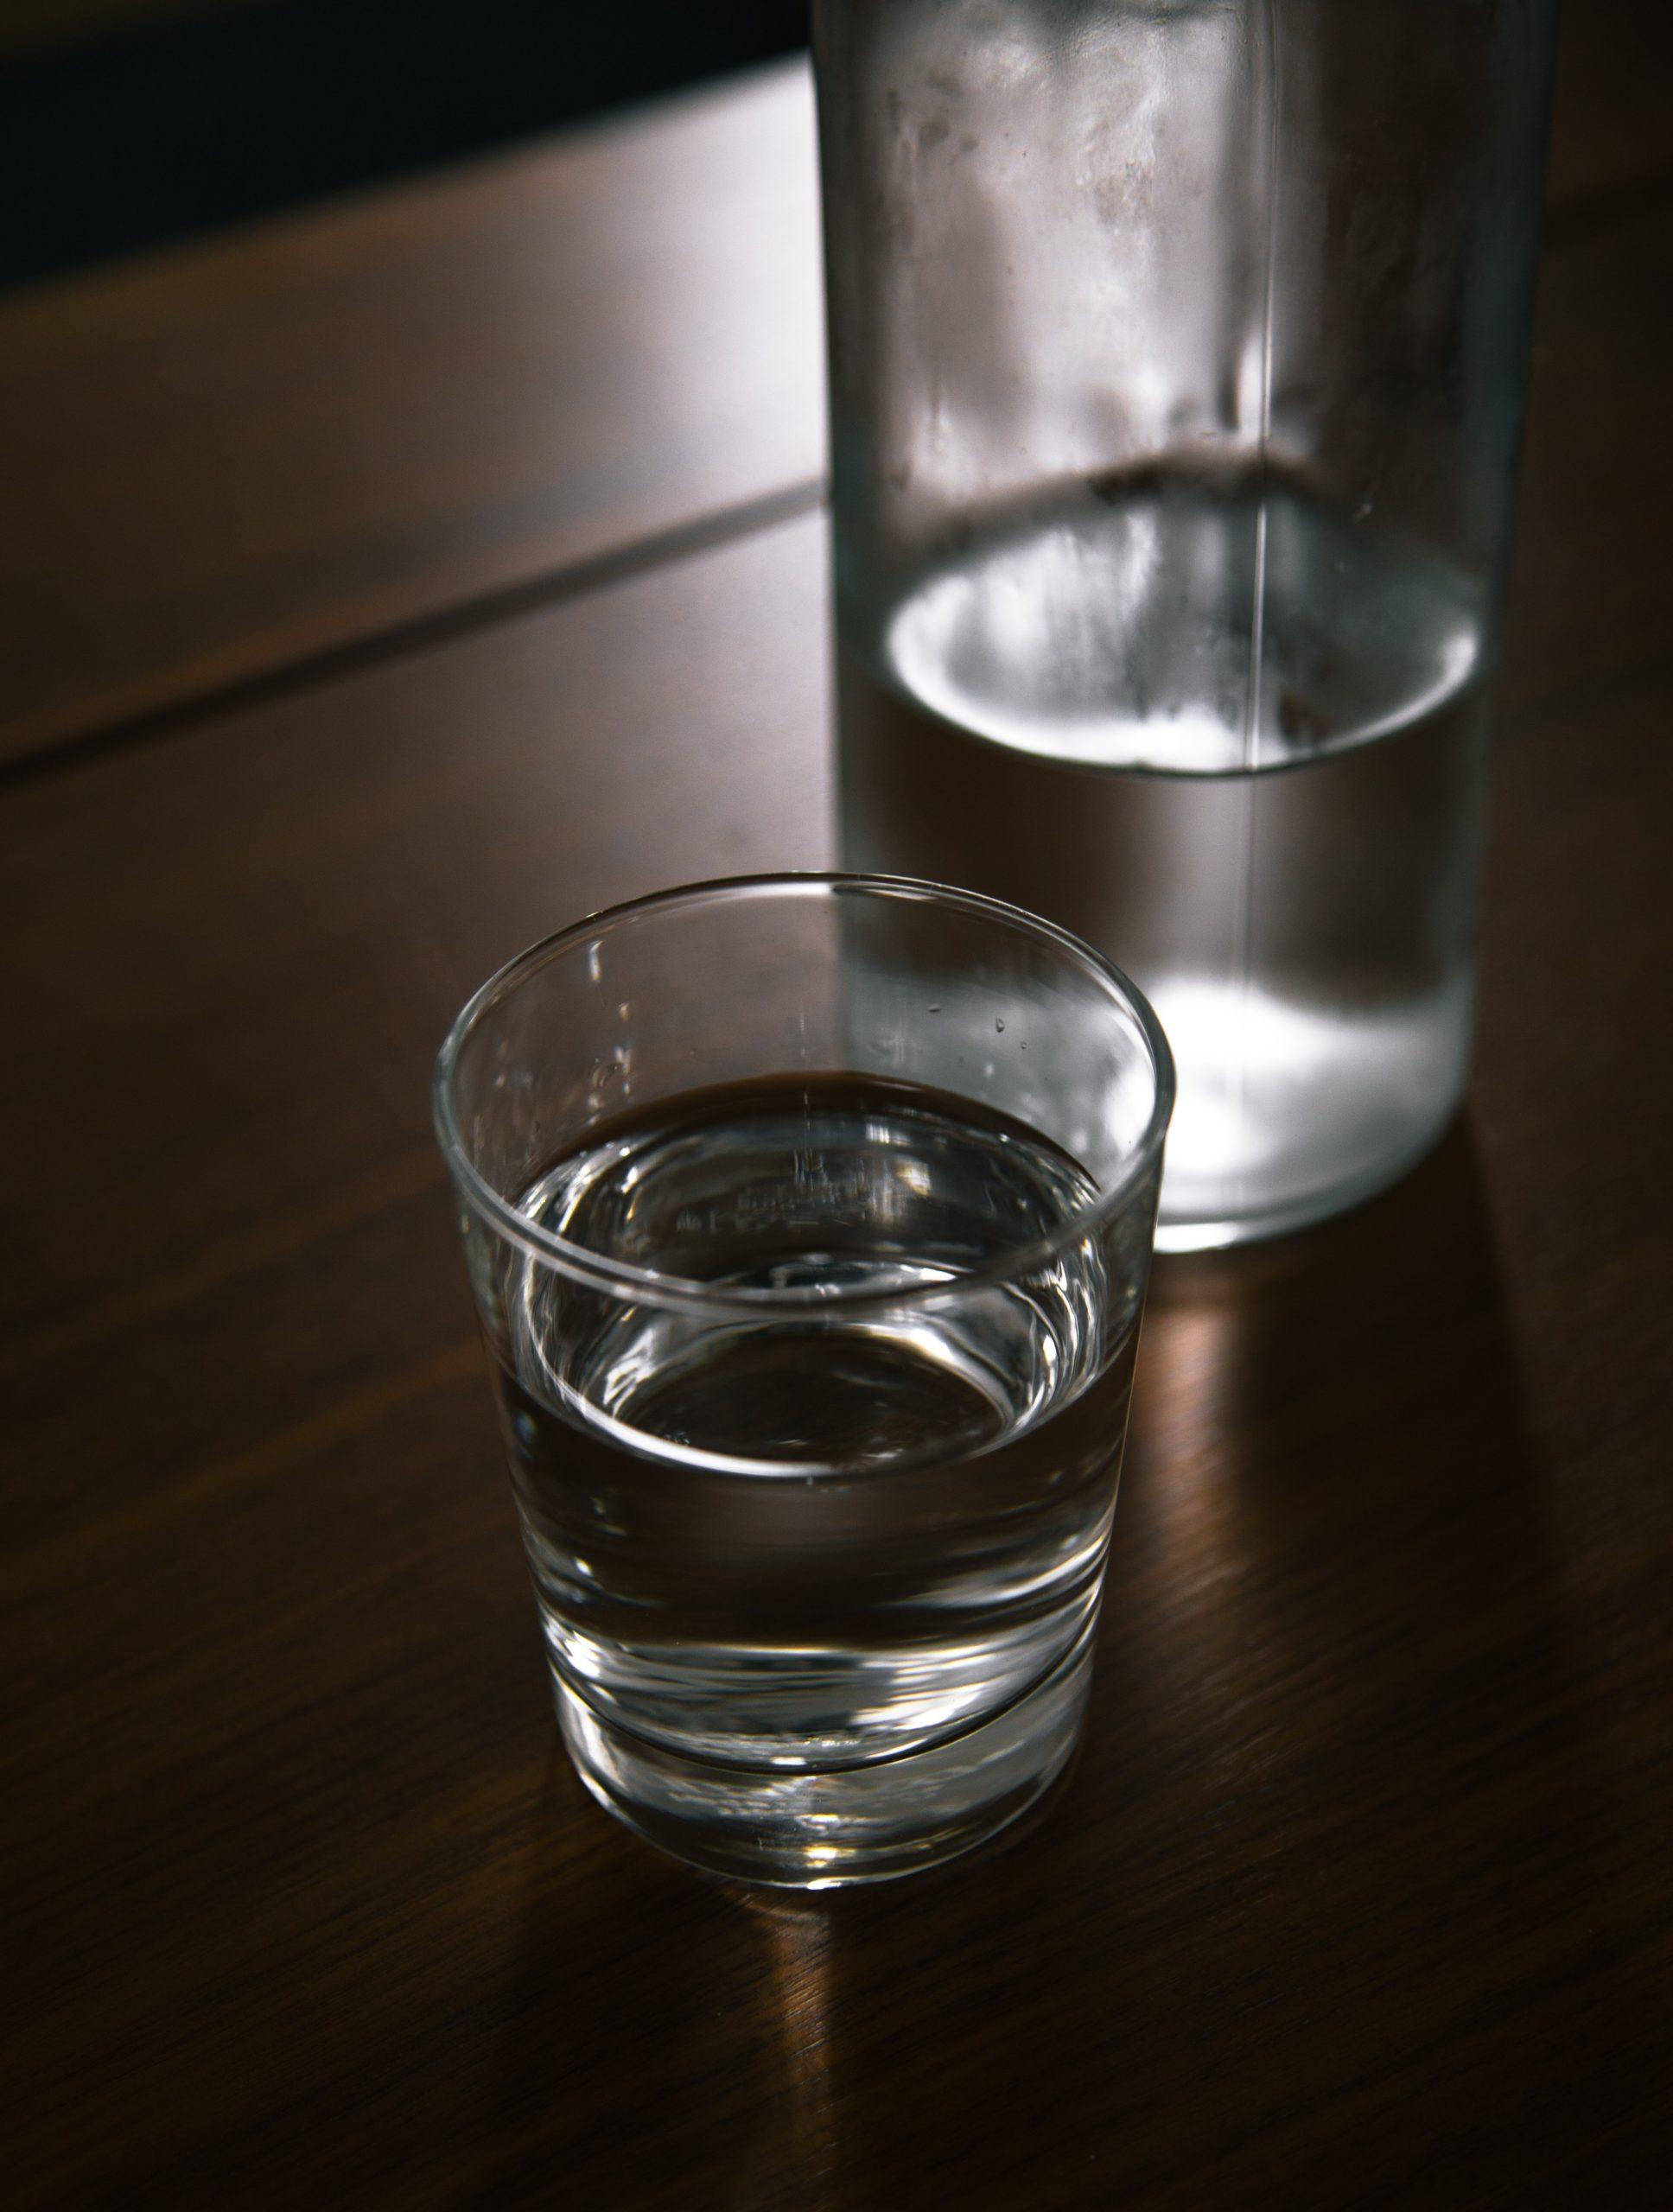 Imagem de um copo e uma garrafa com água